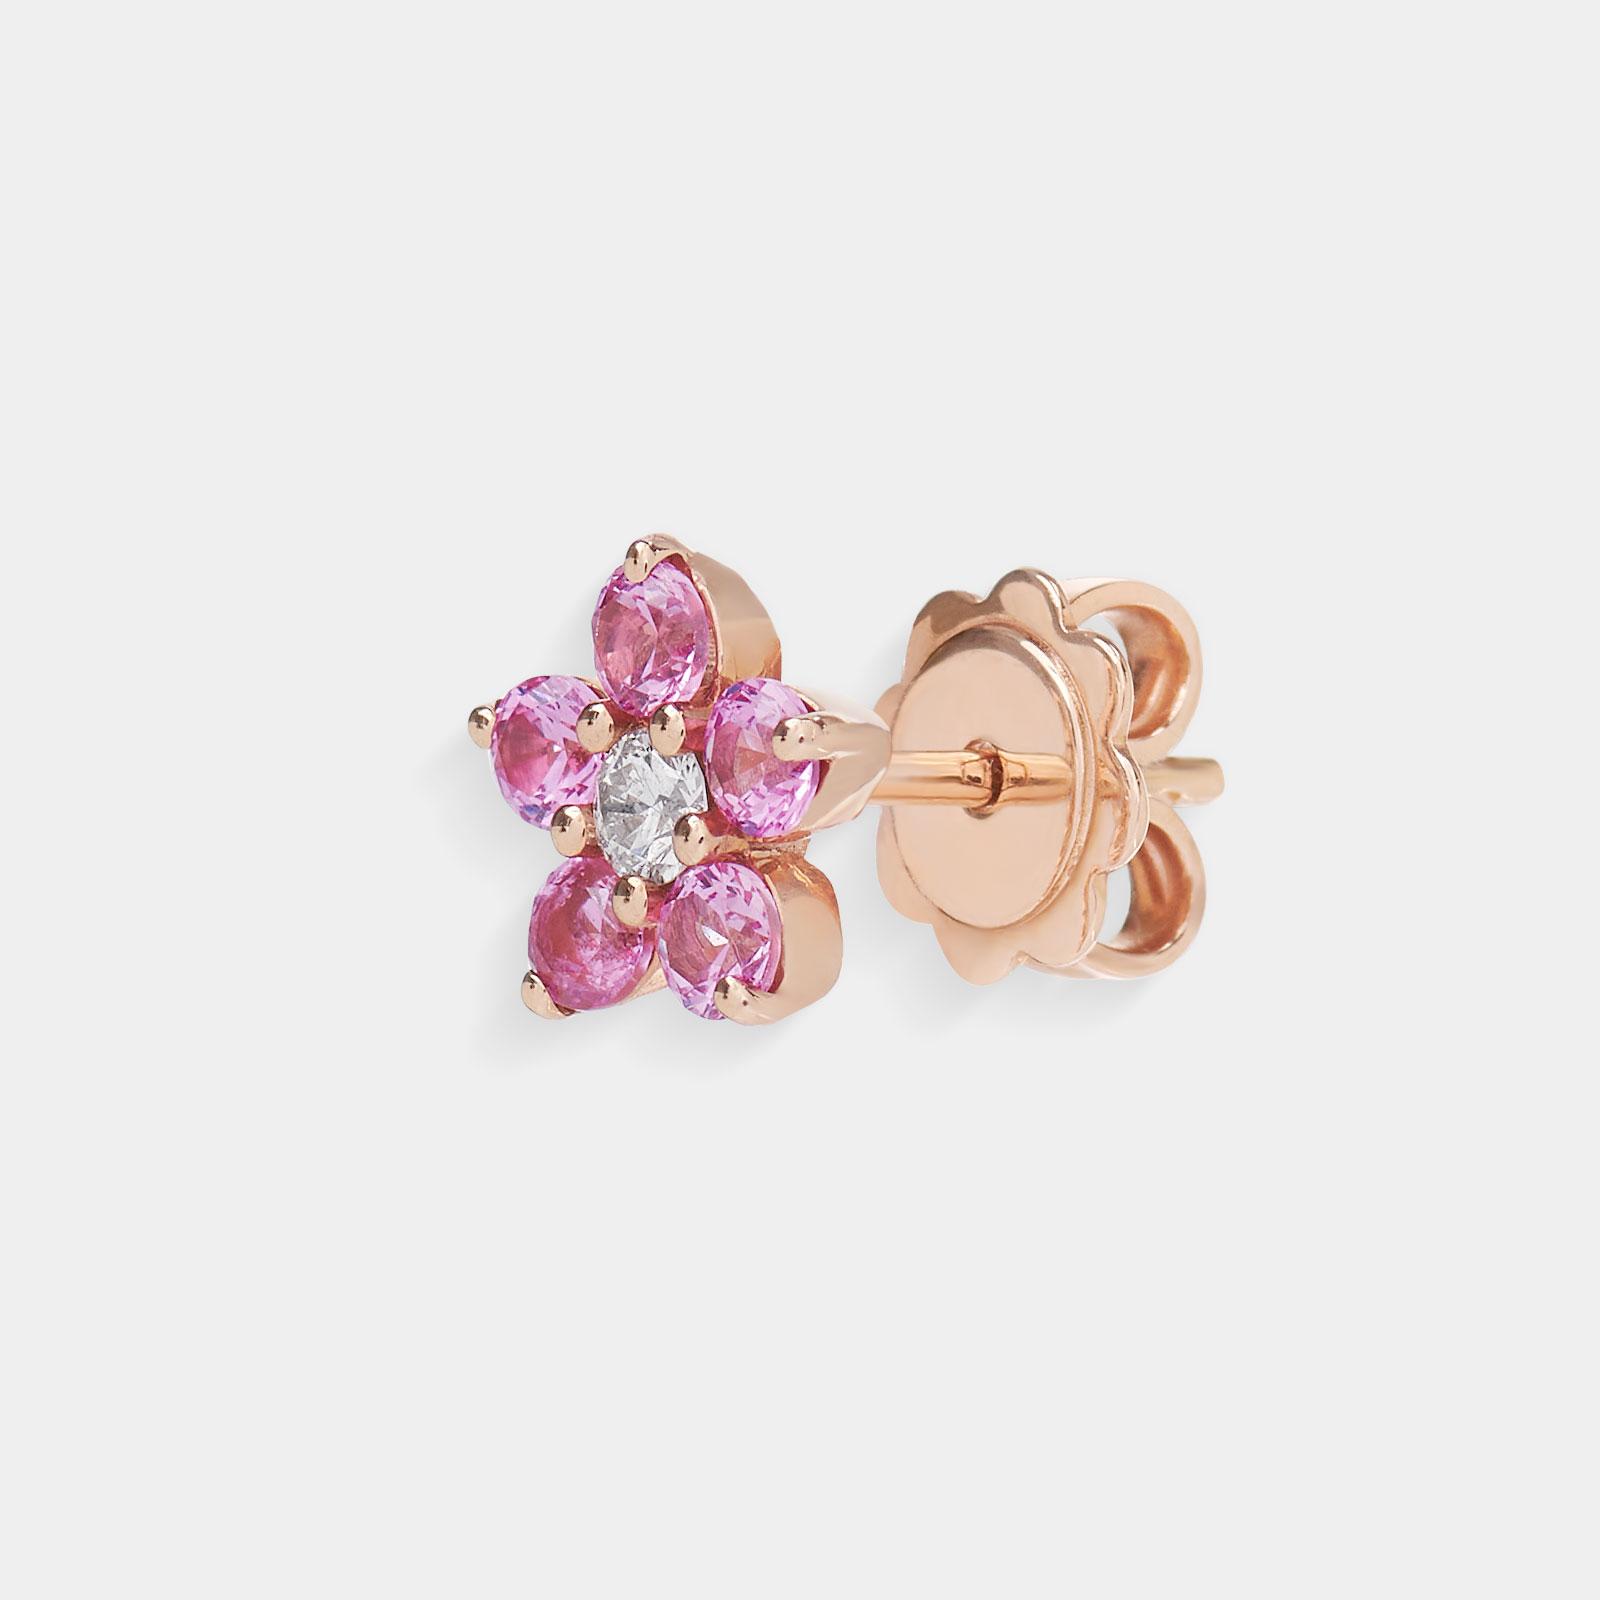 Mono Orecchini in oro bianco fiore in diamanti e zaffiri rosa - Rosanna Cattolico gioielli